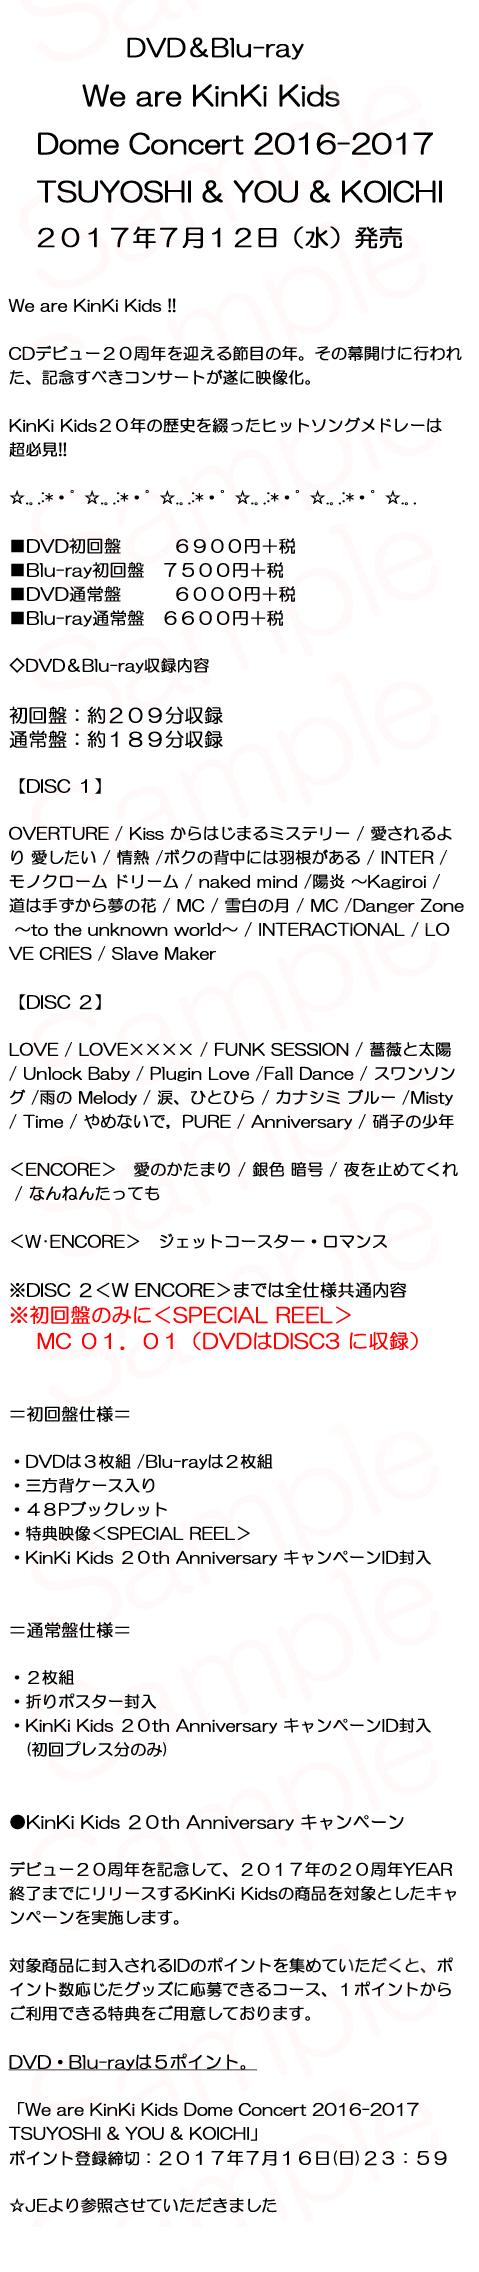 TSUYOSHI--YOU--KOICHI-DVD.jpg